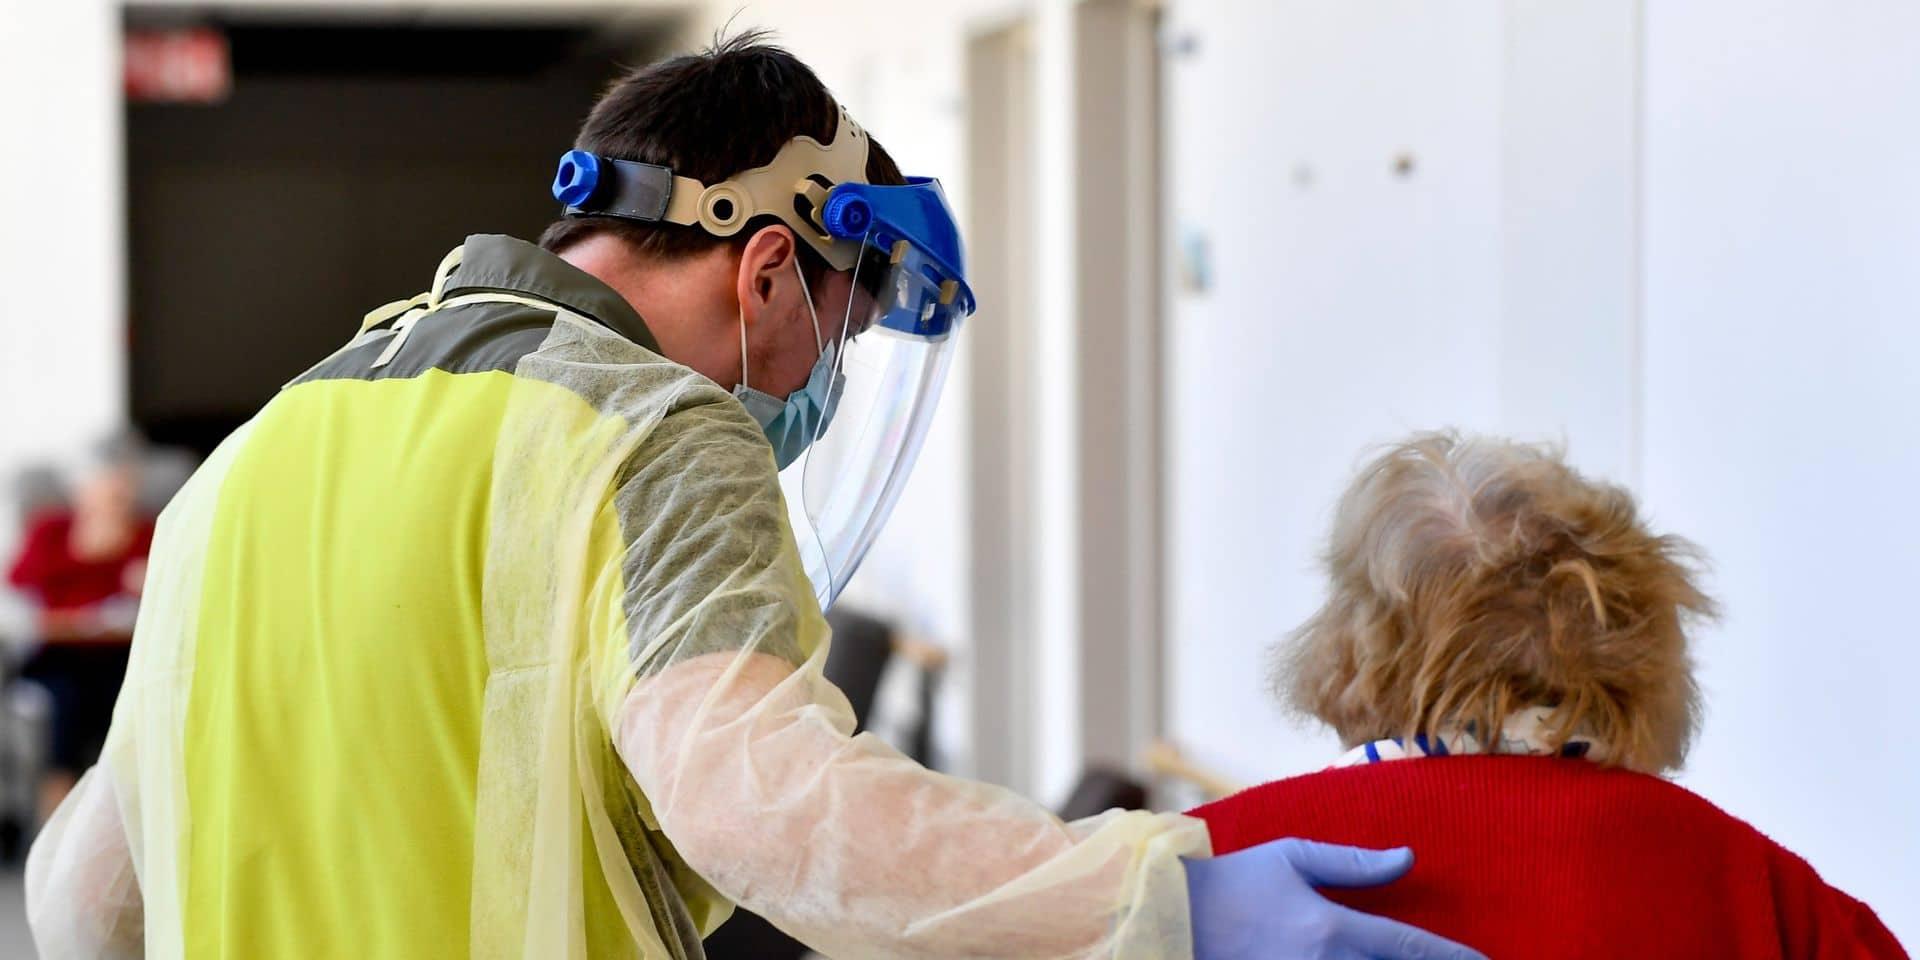 Toutes les maisons de repos wallonnes seront complètement vaccinées dans deux semaines, assure Christie Morreale